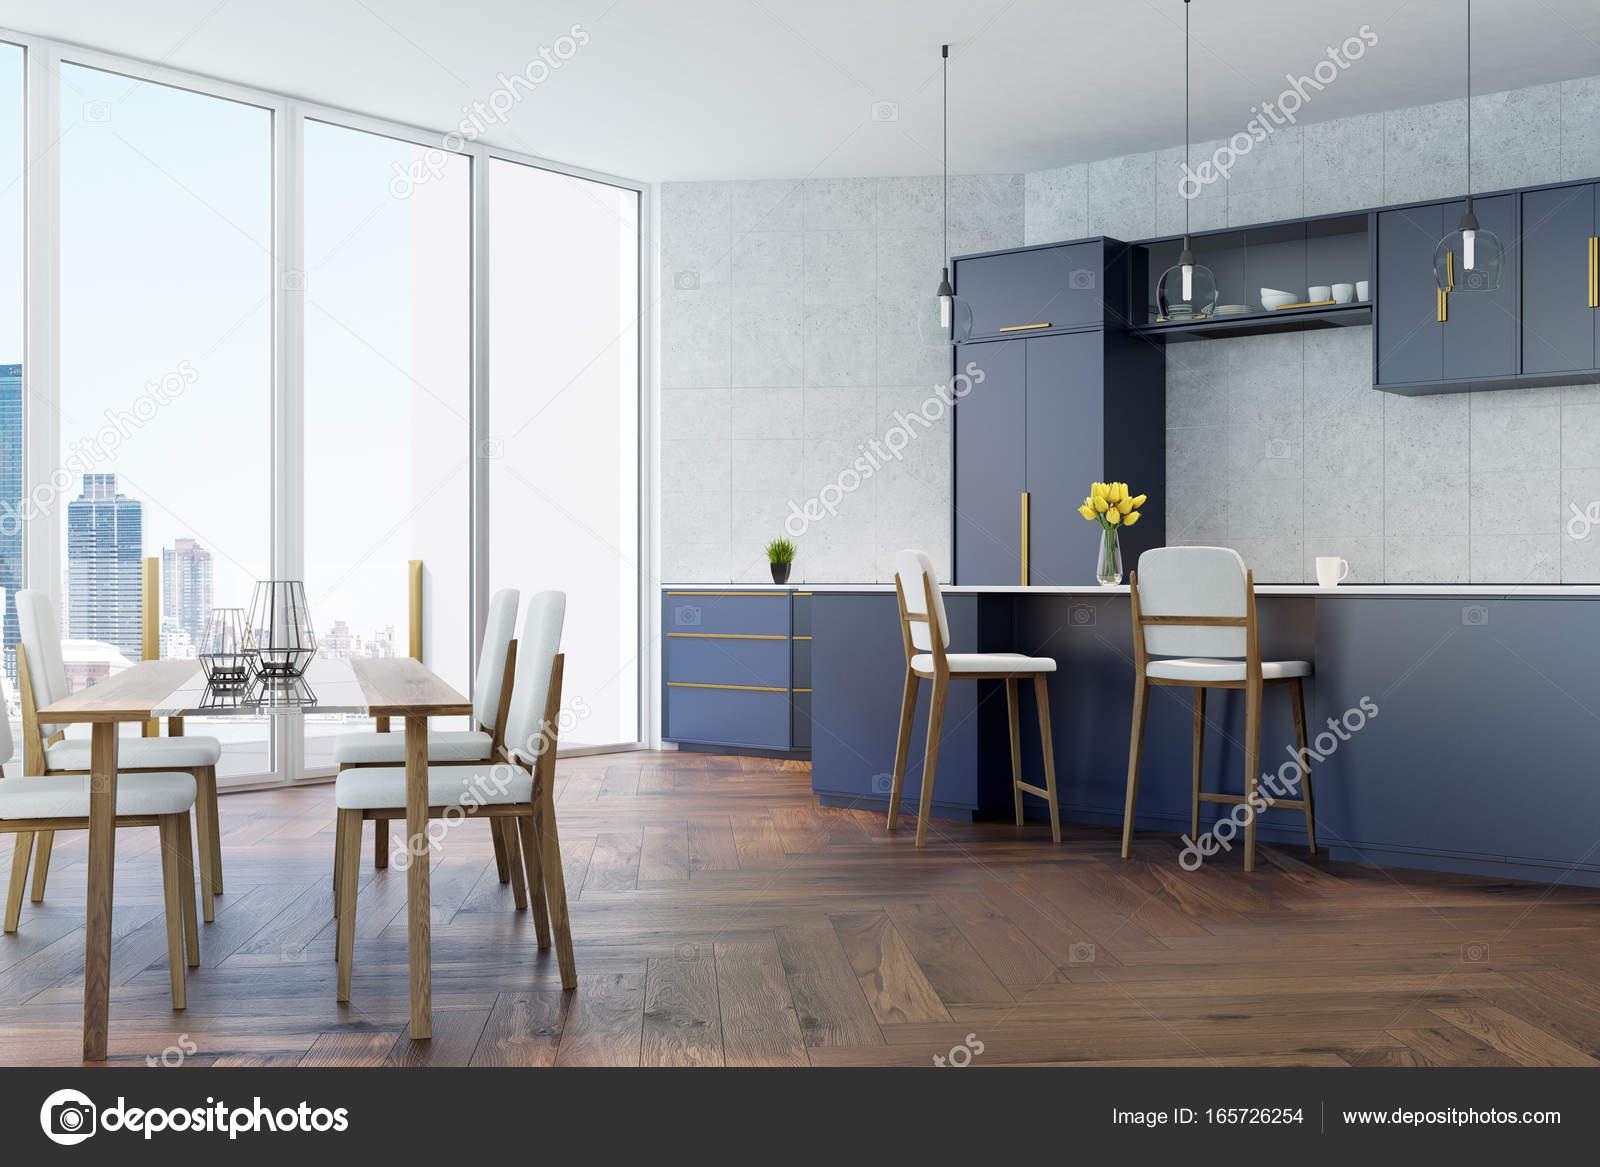 Cucina grigio e blu con una tabella u2014 foto stock © denisismagilov